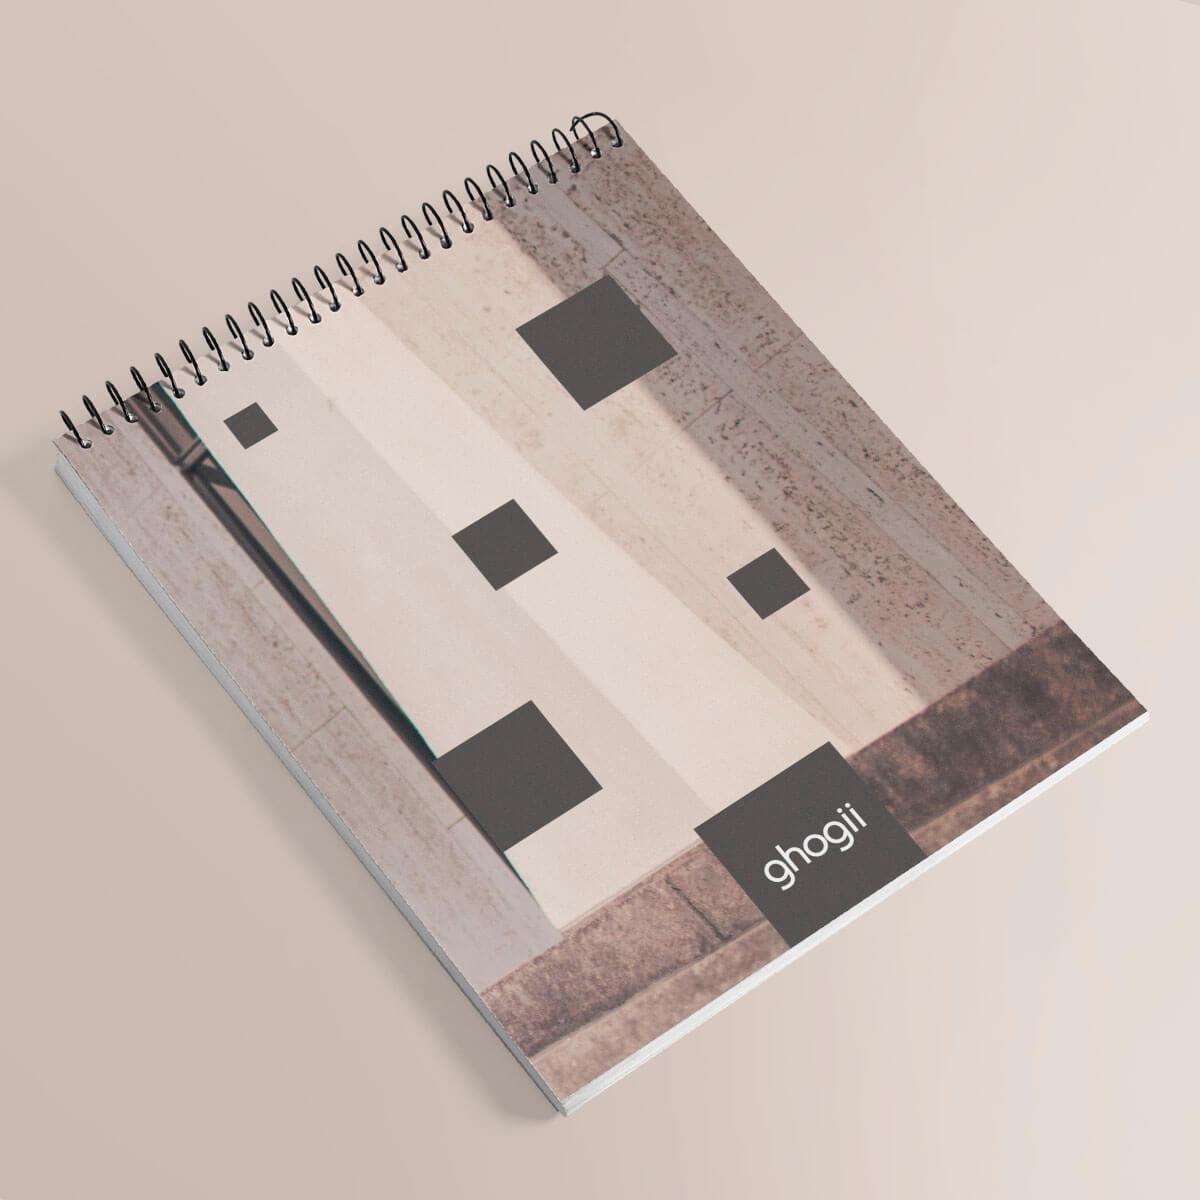 Notatnik spiralowy drukowany